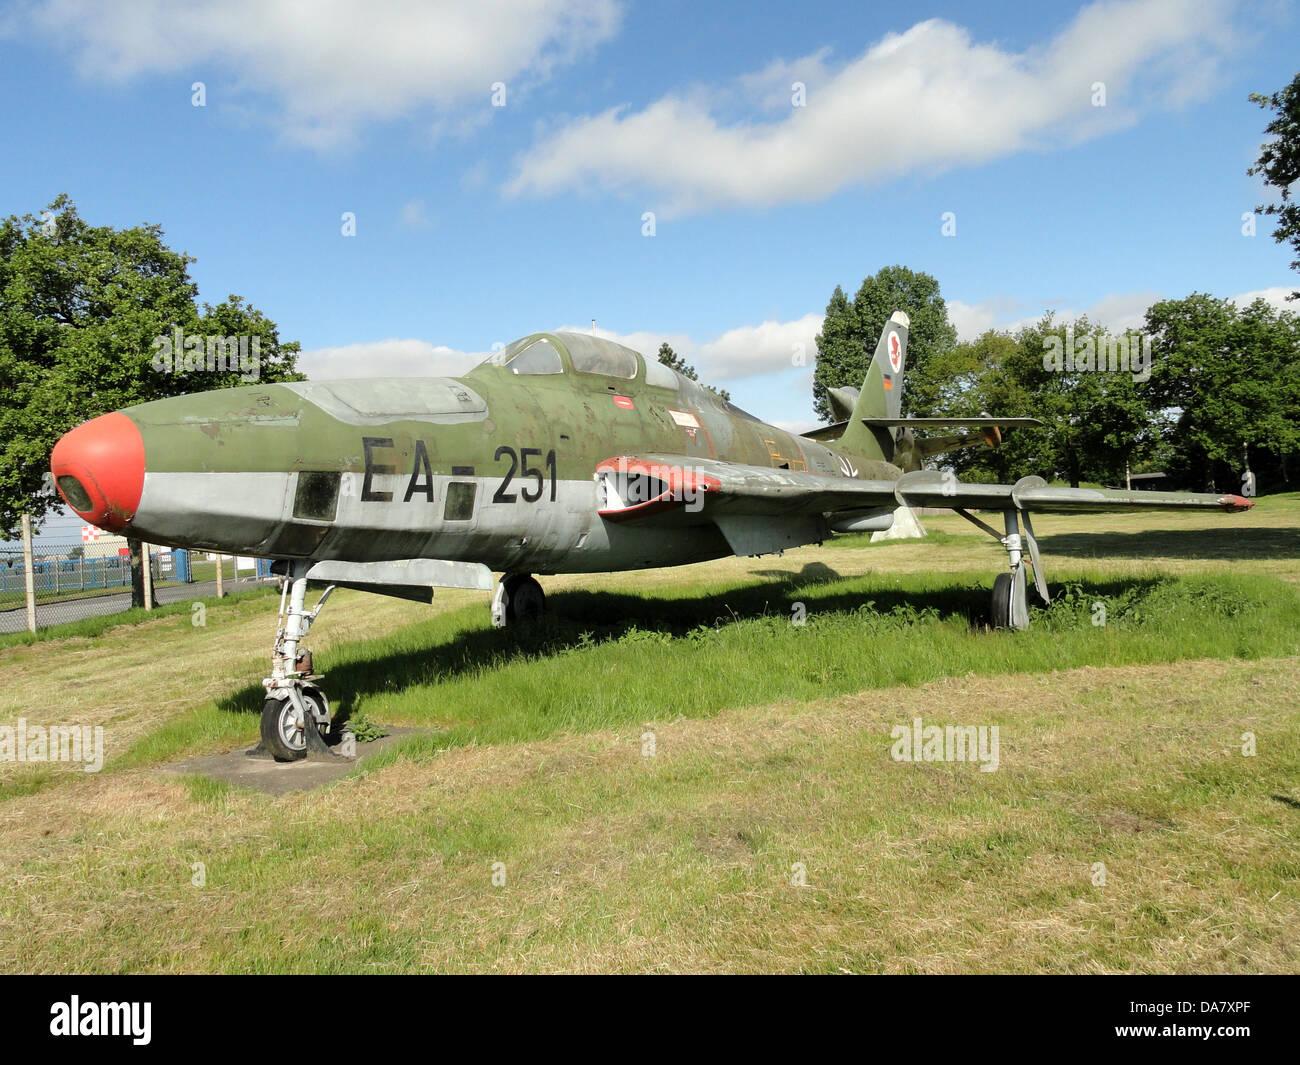 RF-84 F Thunderflash EA-251 at Jagel, 2 - Stock Image